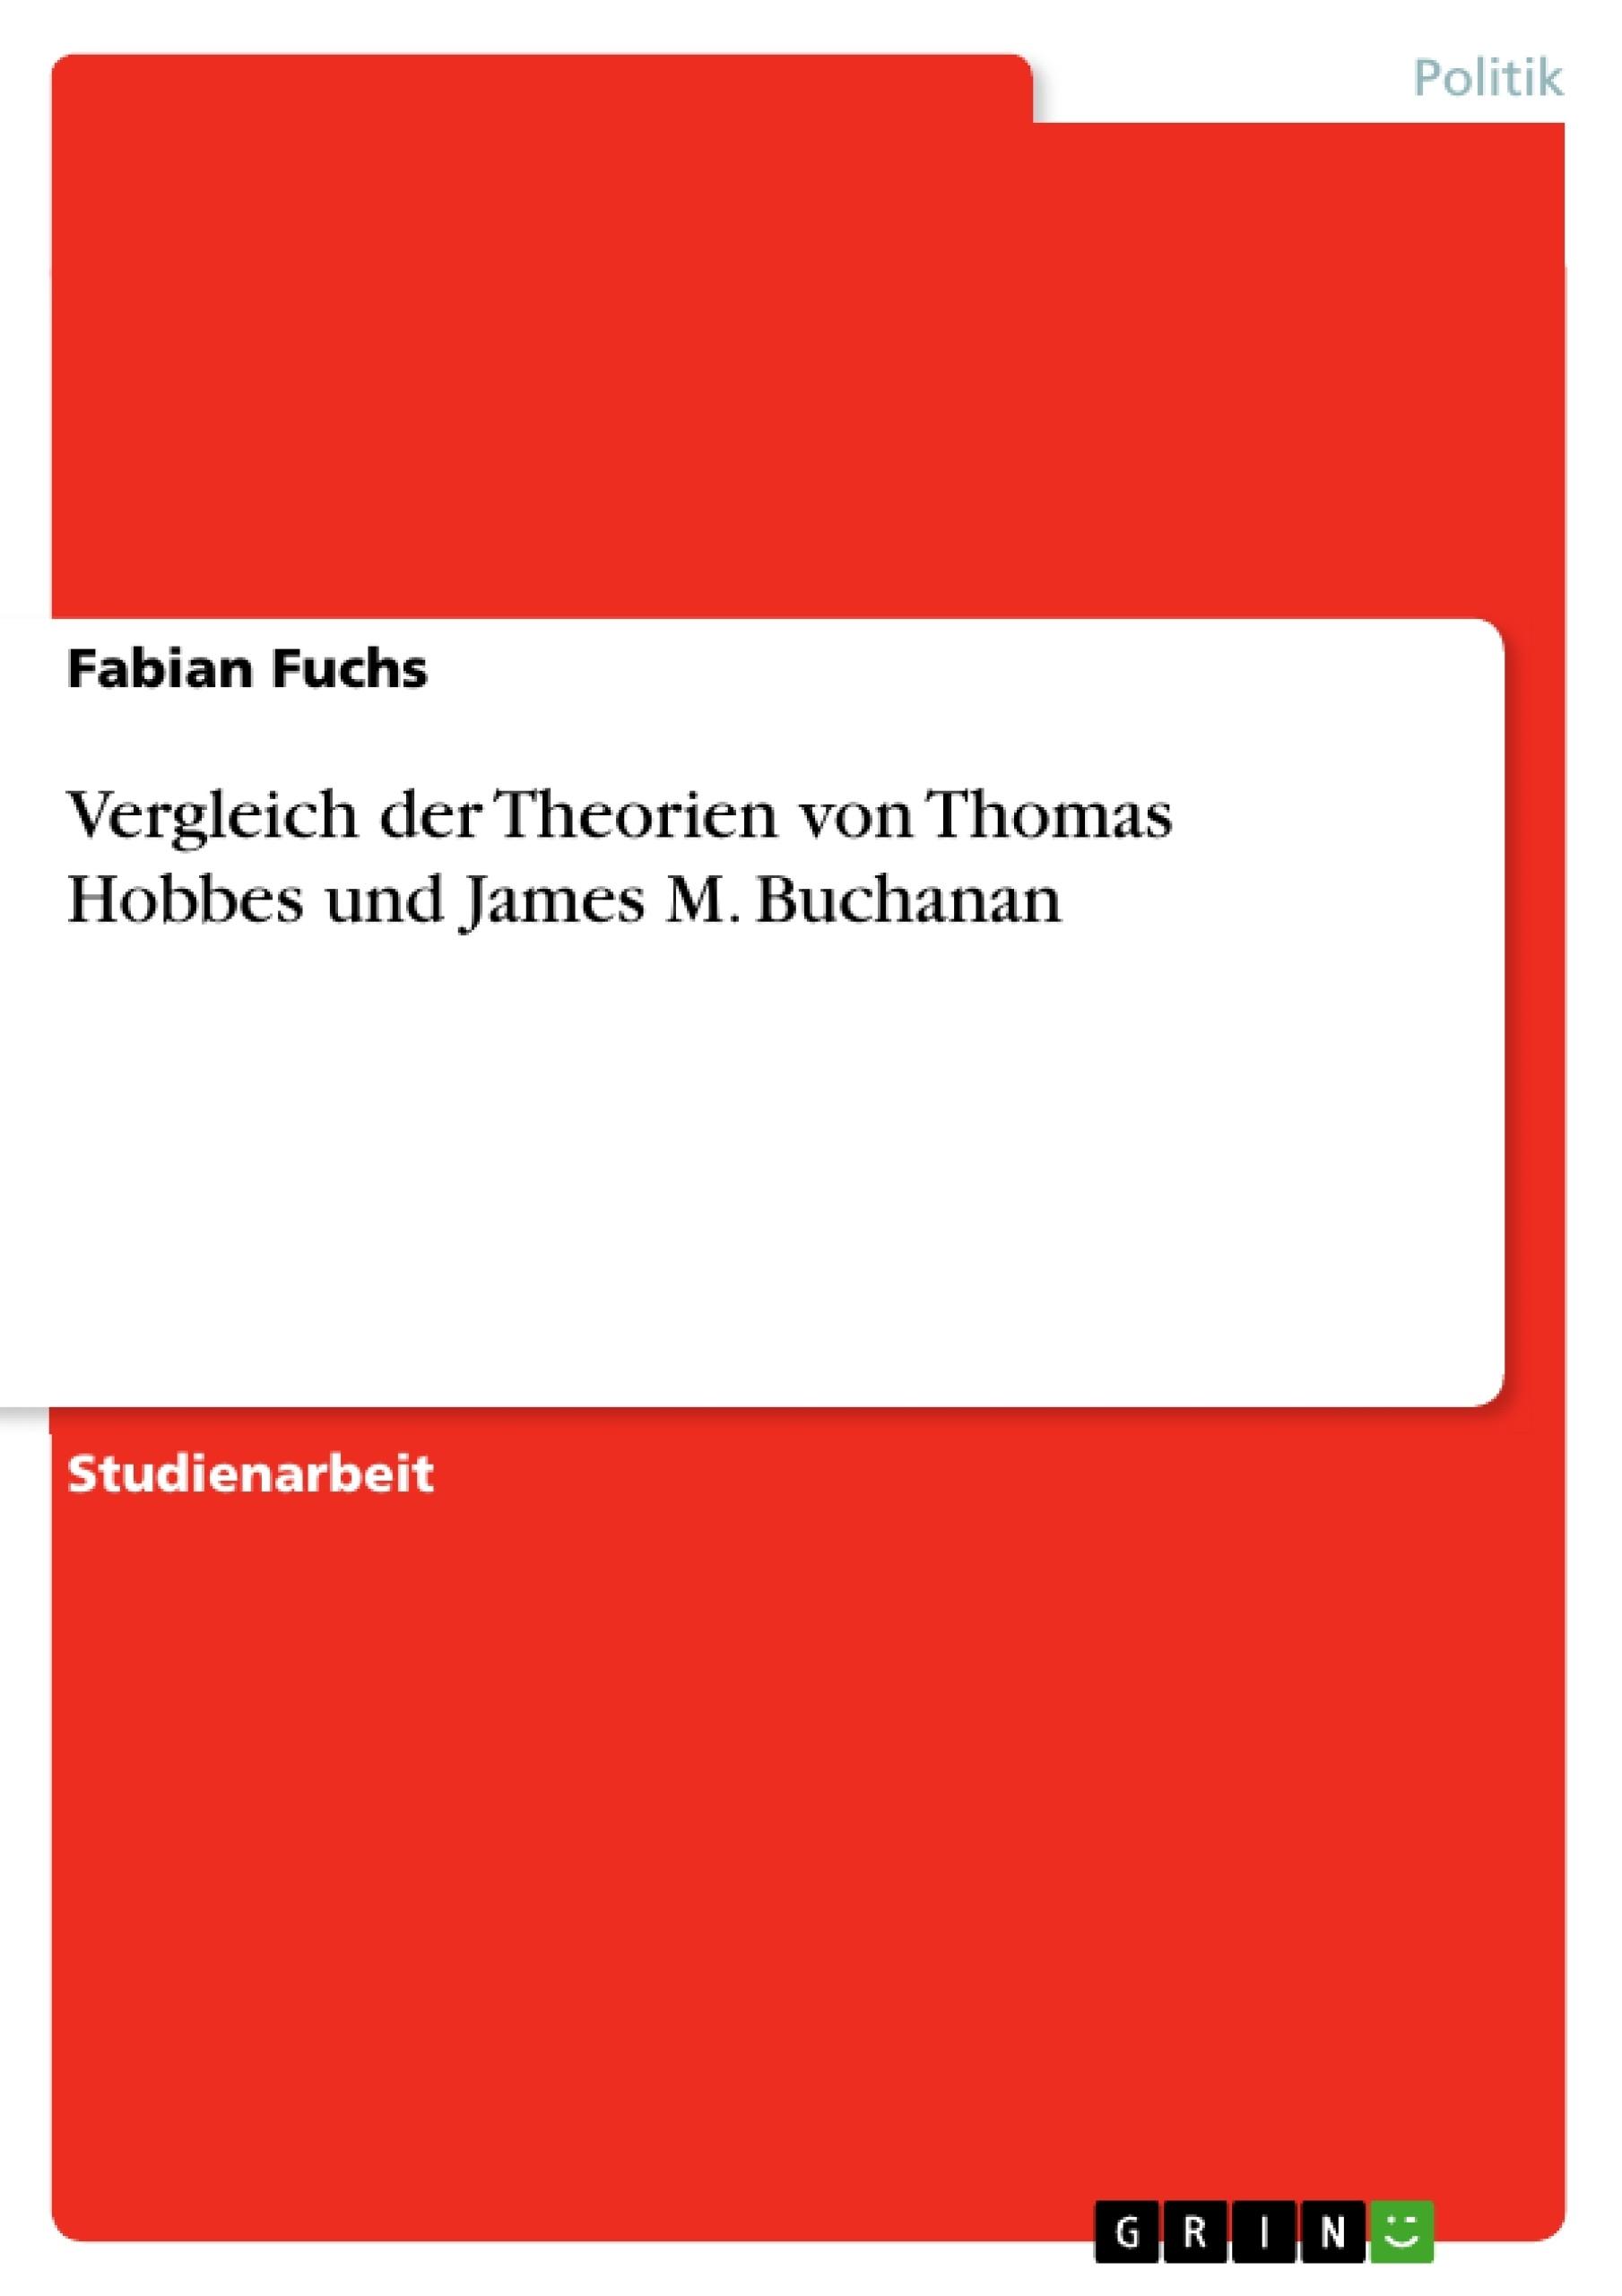 Titel: Vergleich der Theorien von Thomas Hobbes und James M. Buchanan